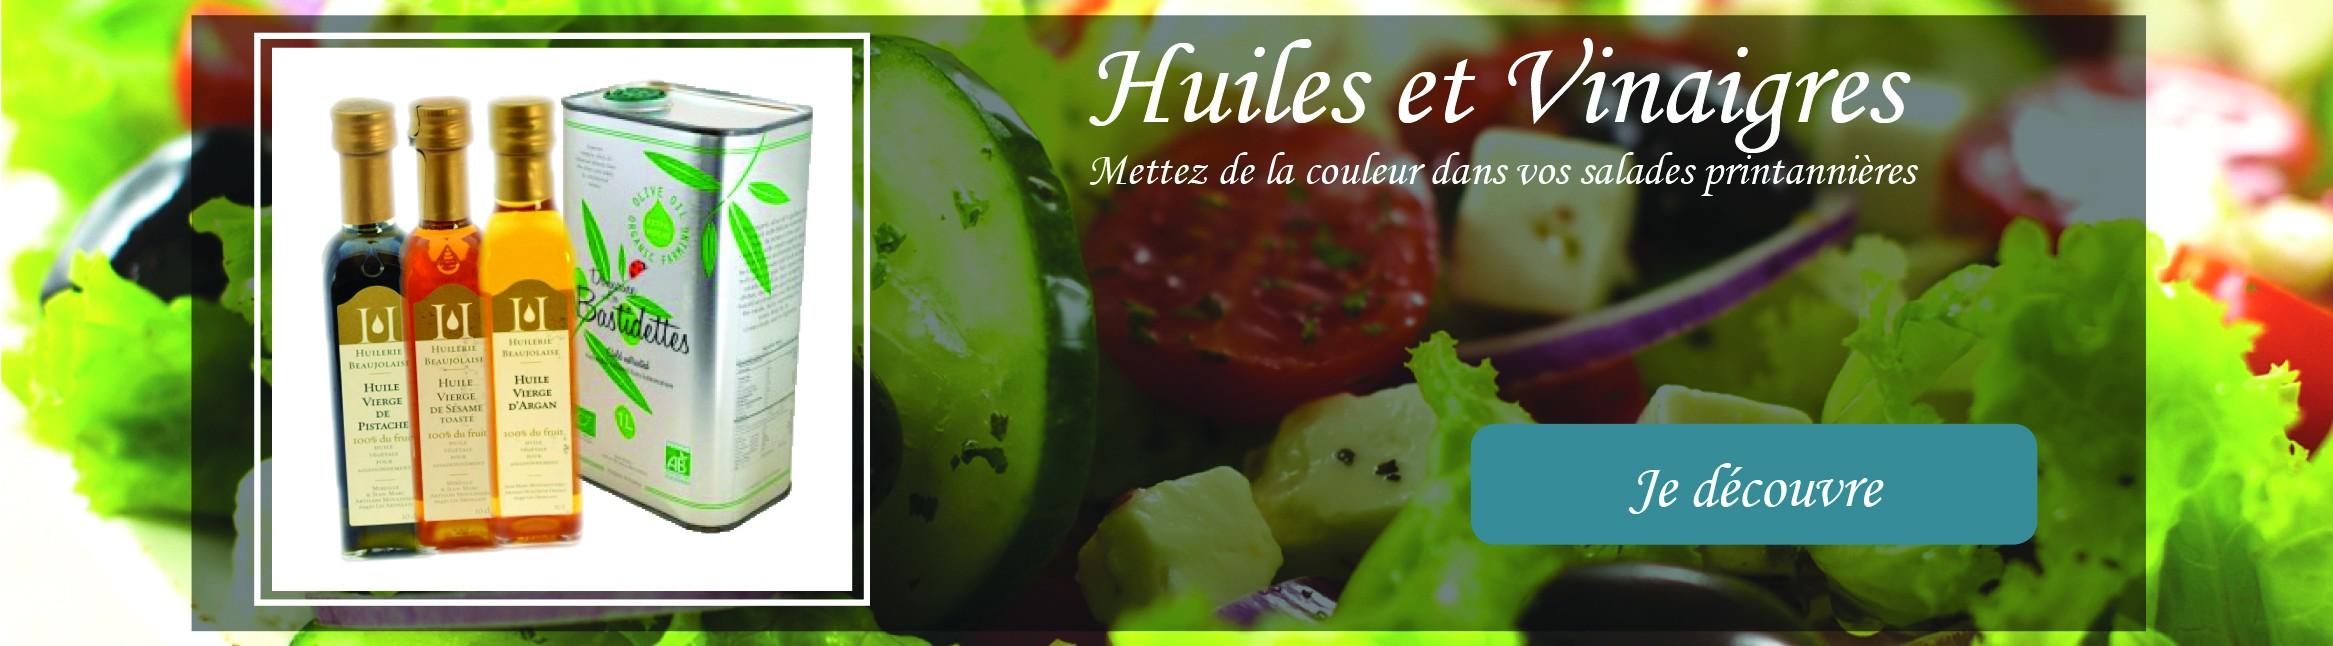 Huiles et vinaigres pour sublimer vos salades